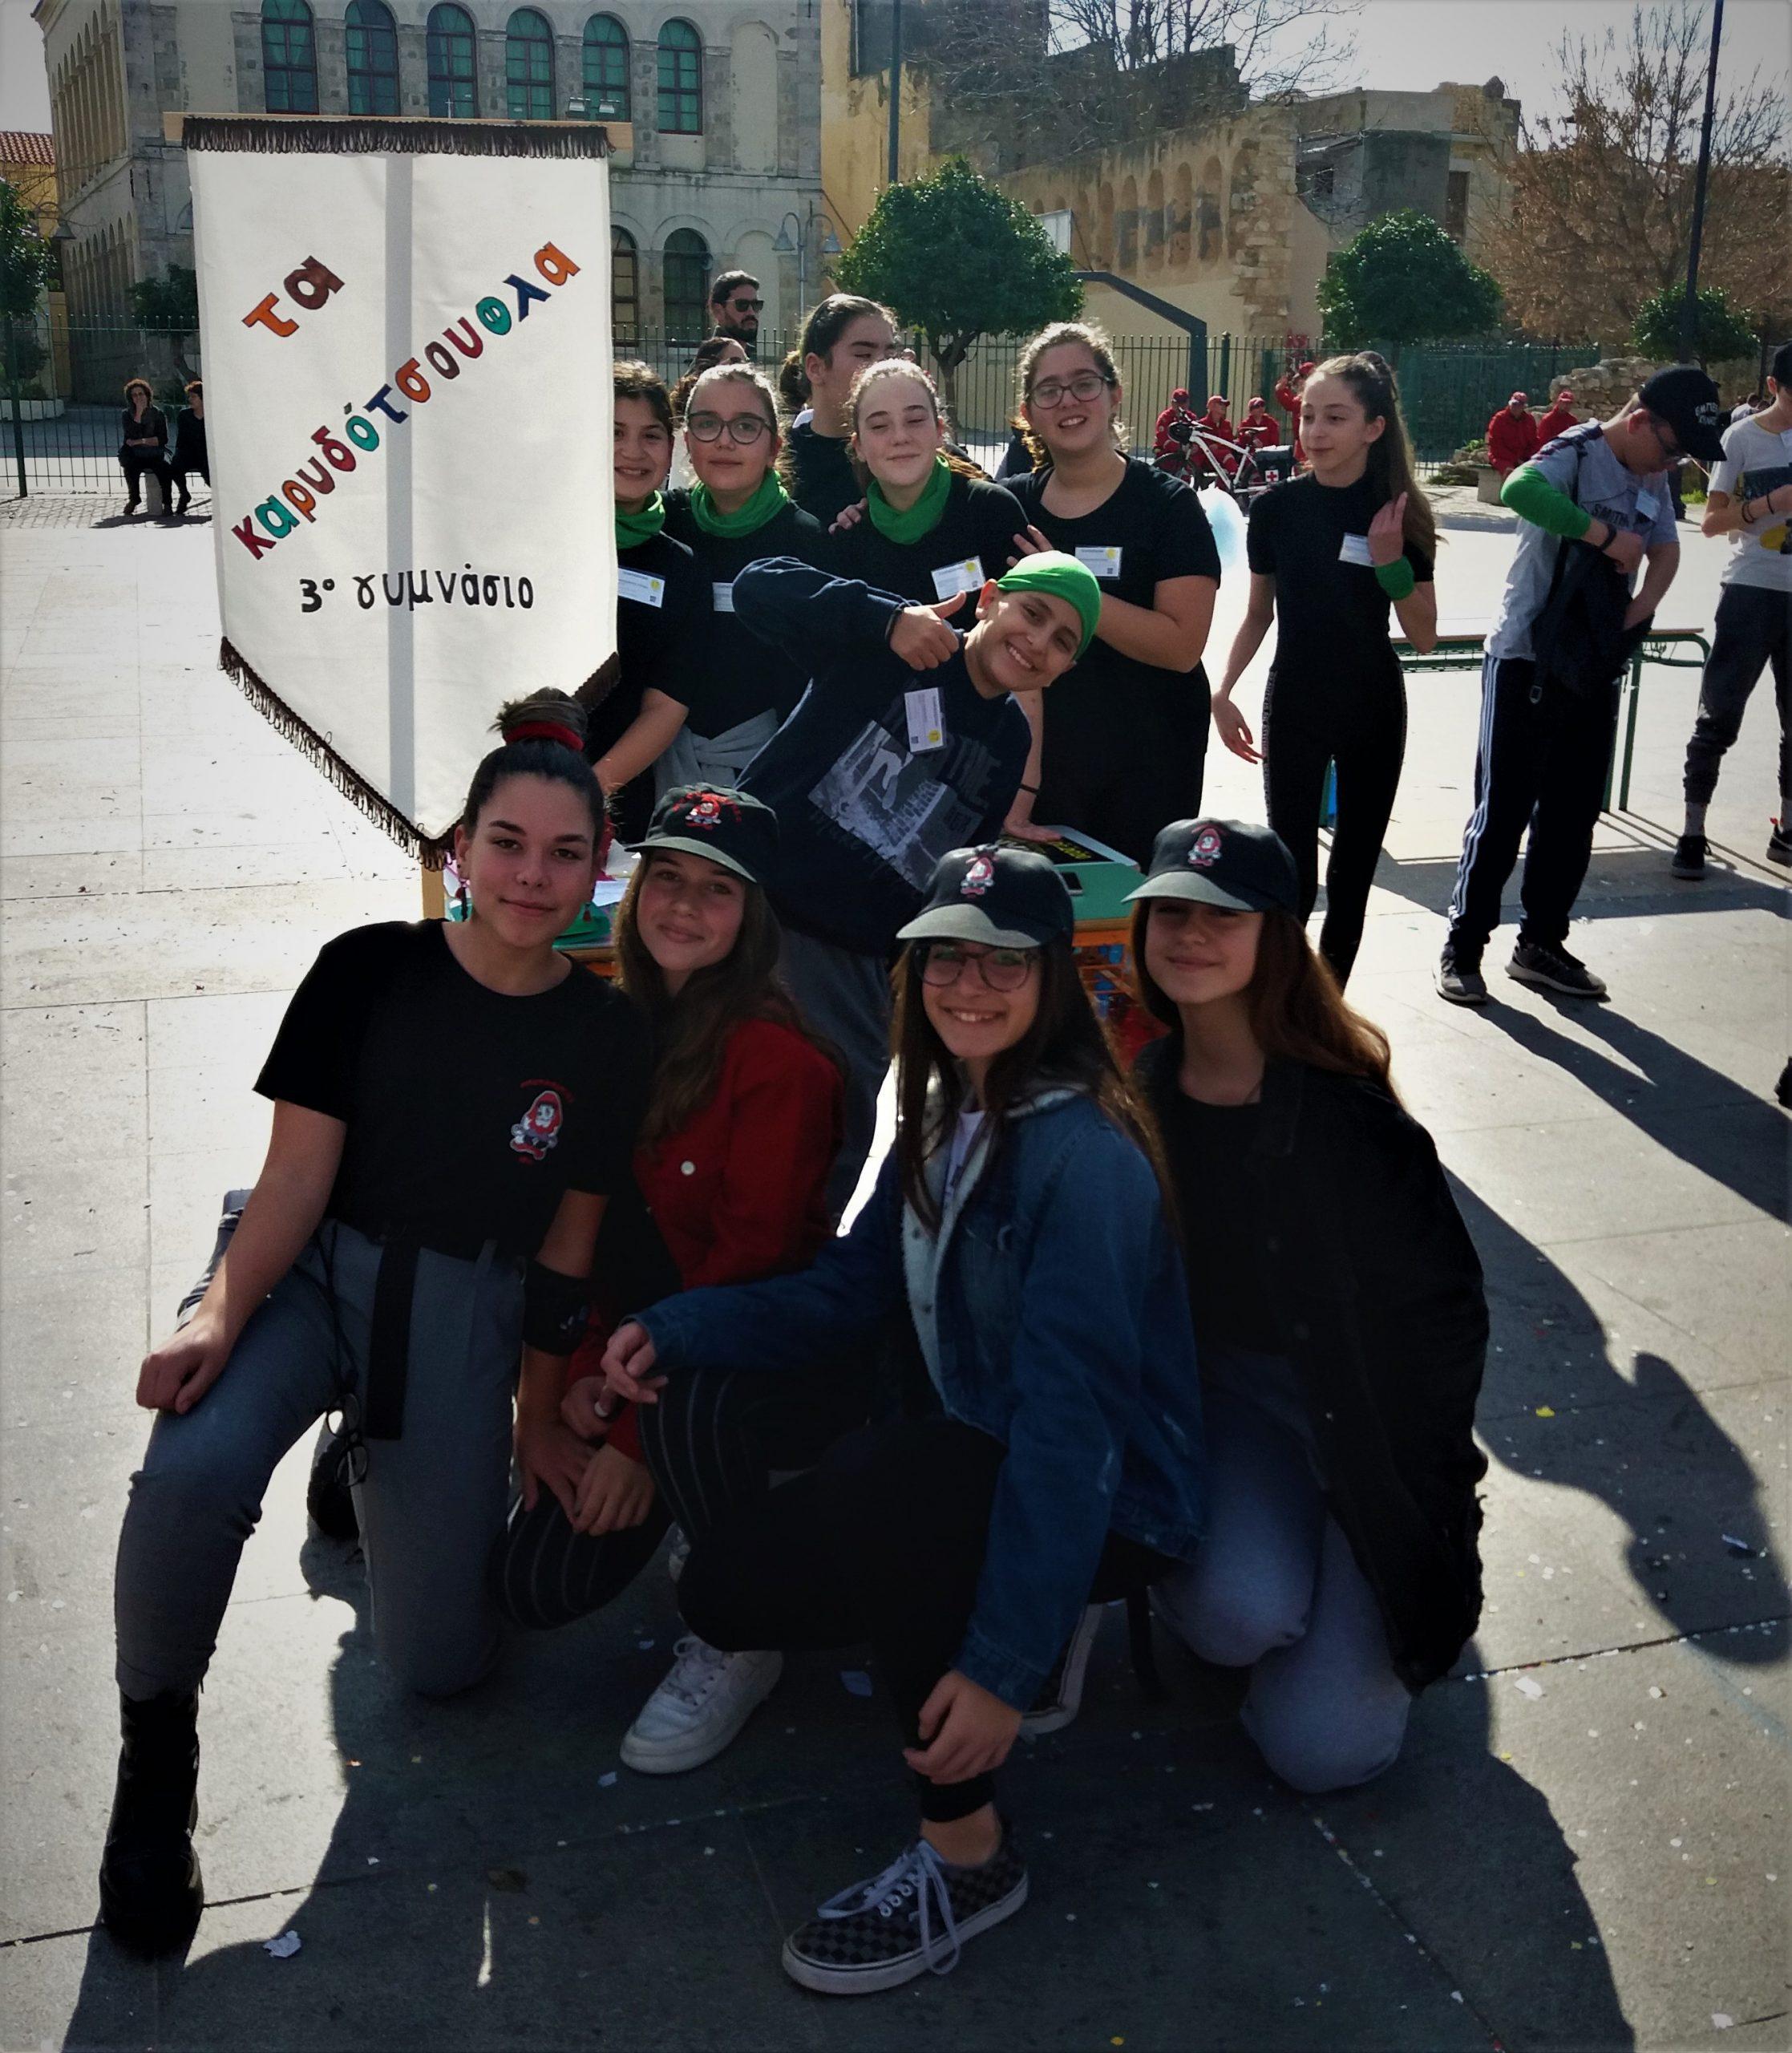 Το 3ο Γυμνάσιο στο εφηβικό κυνήγι θησαυρού 2020